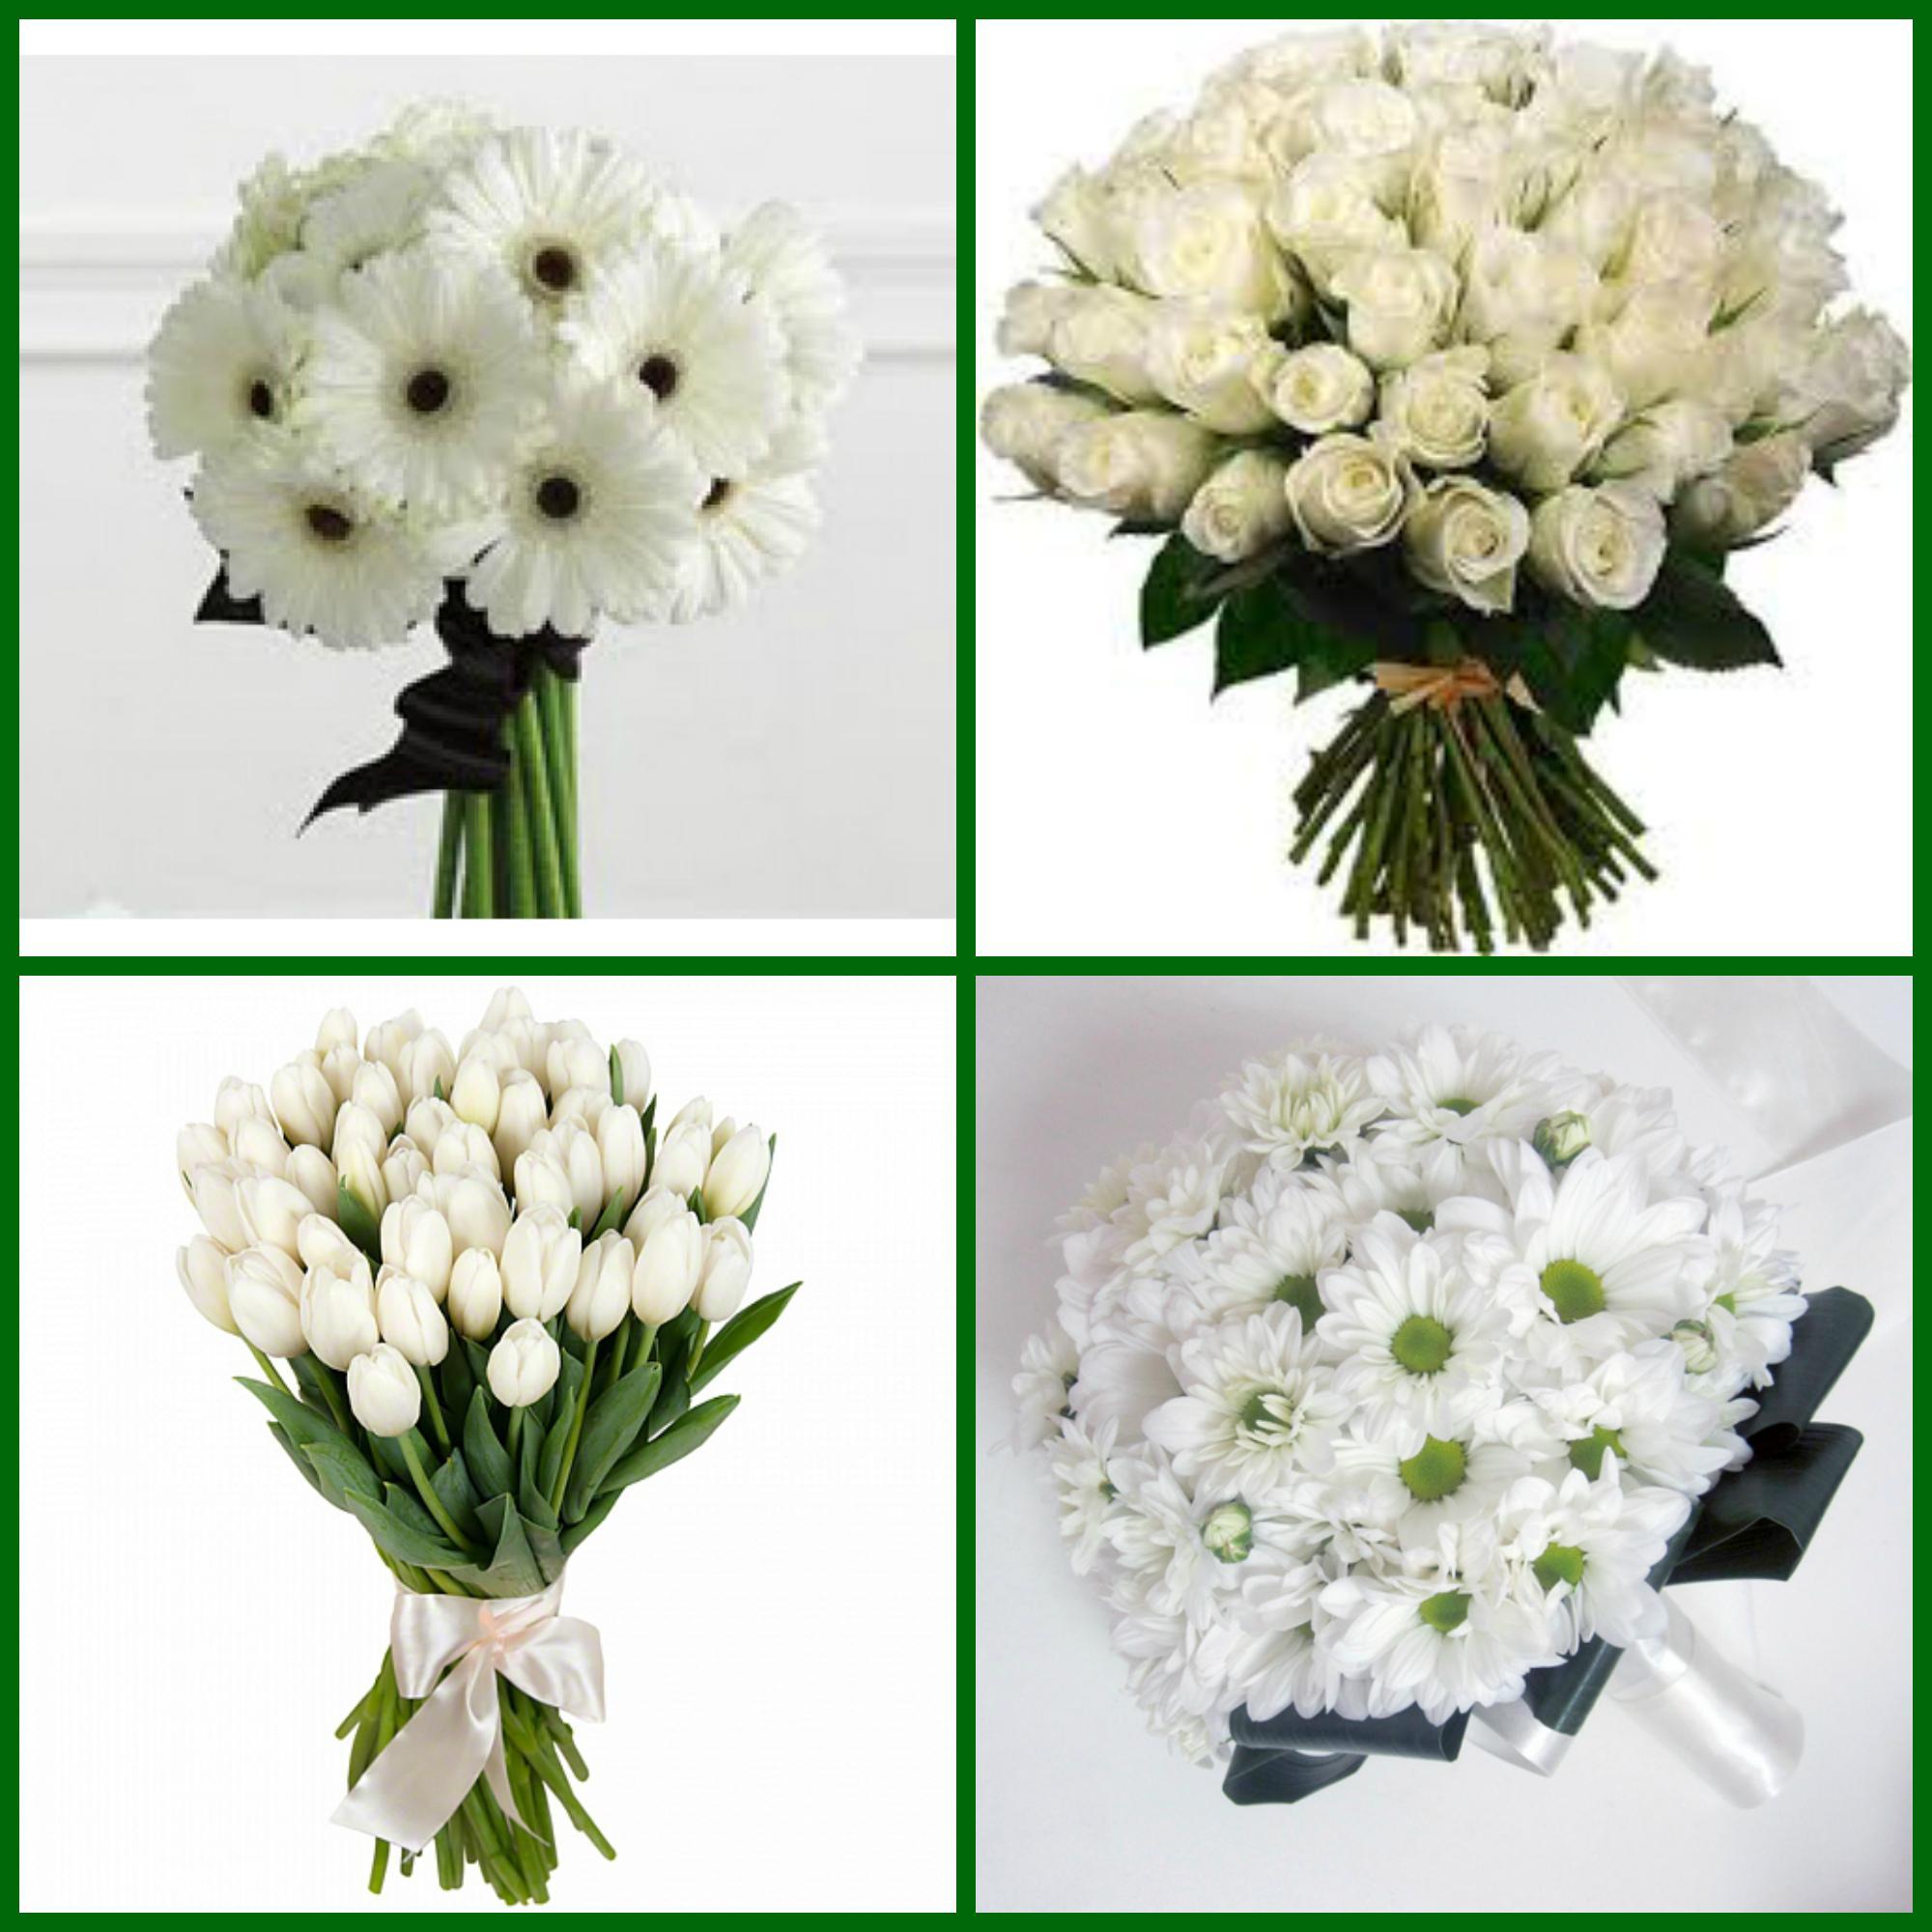 Фраза про цветы и девушек